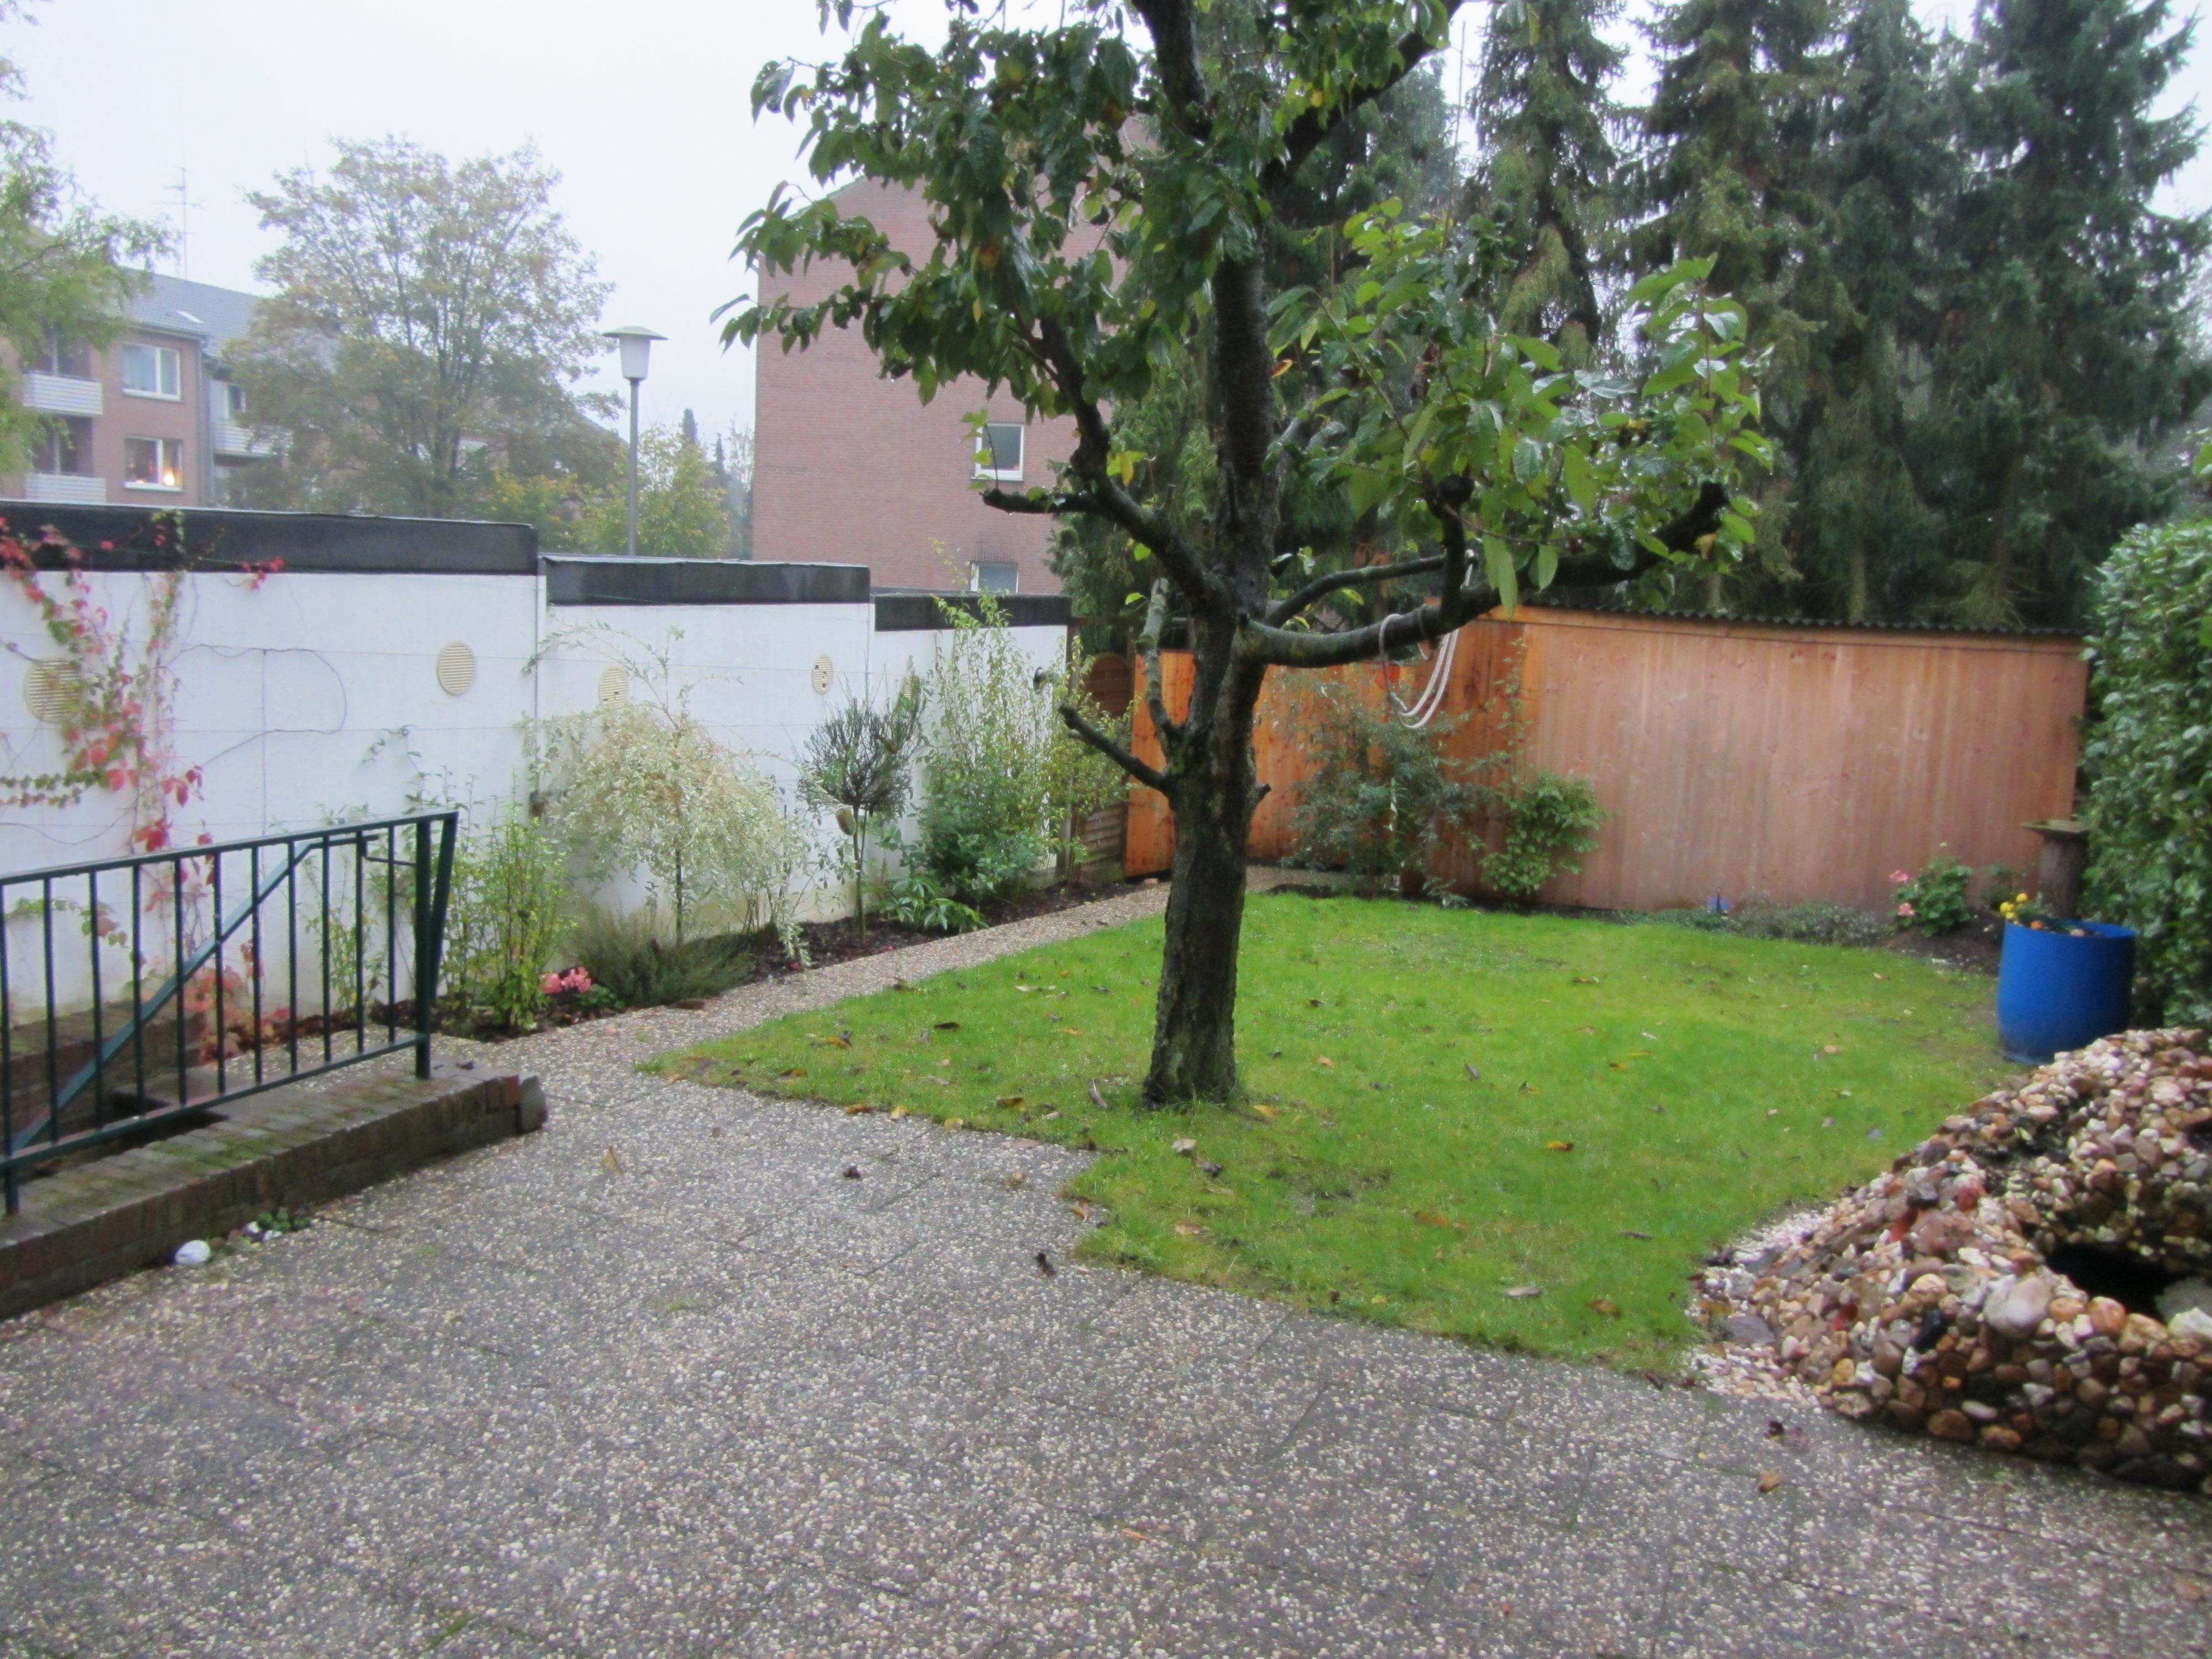 Elegant Schaukel Kleiner Garten Ideen